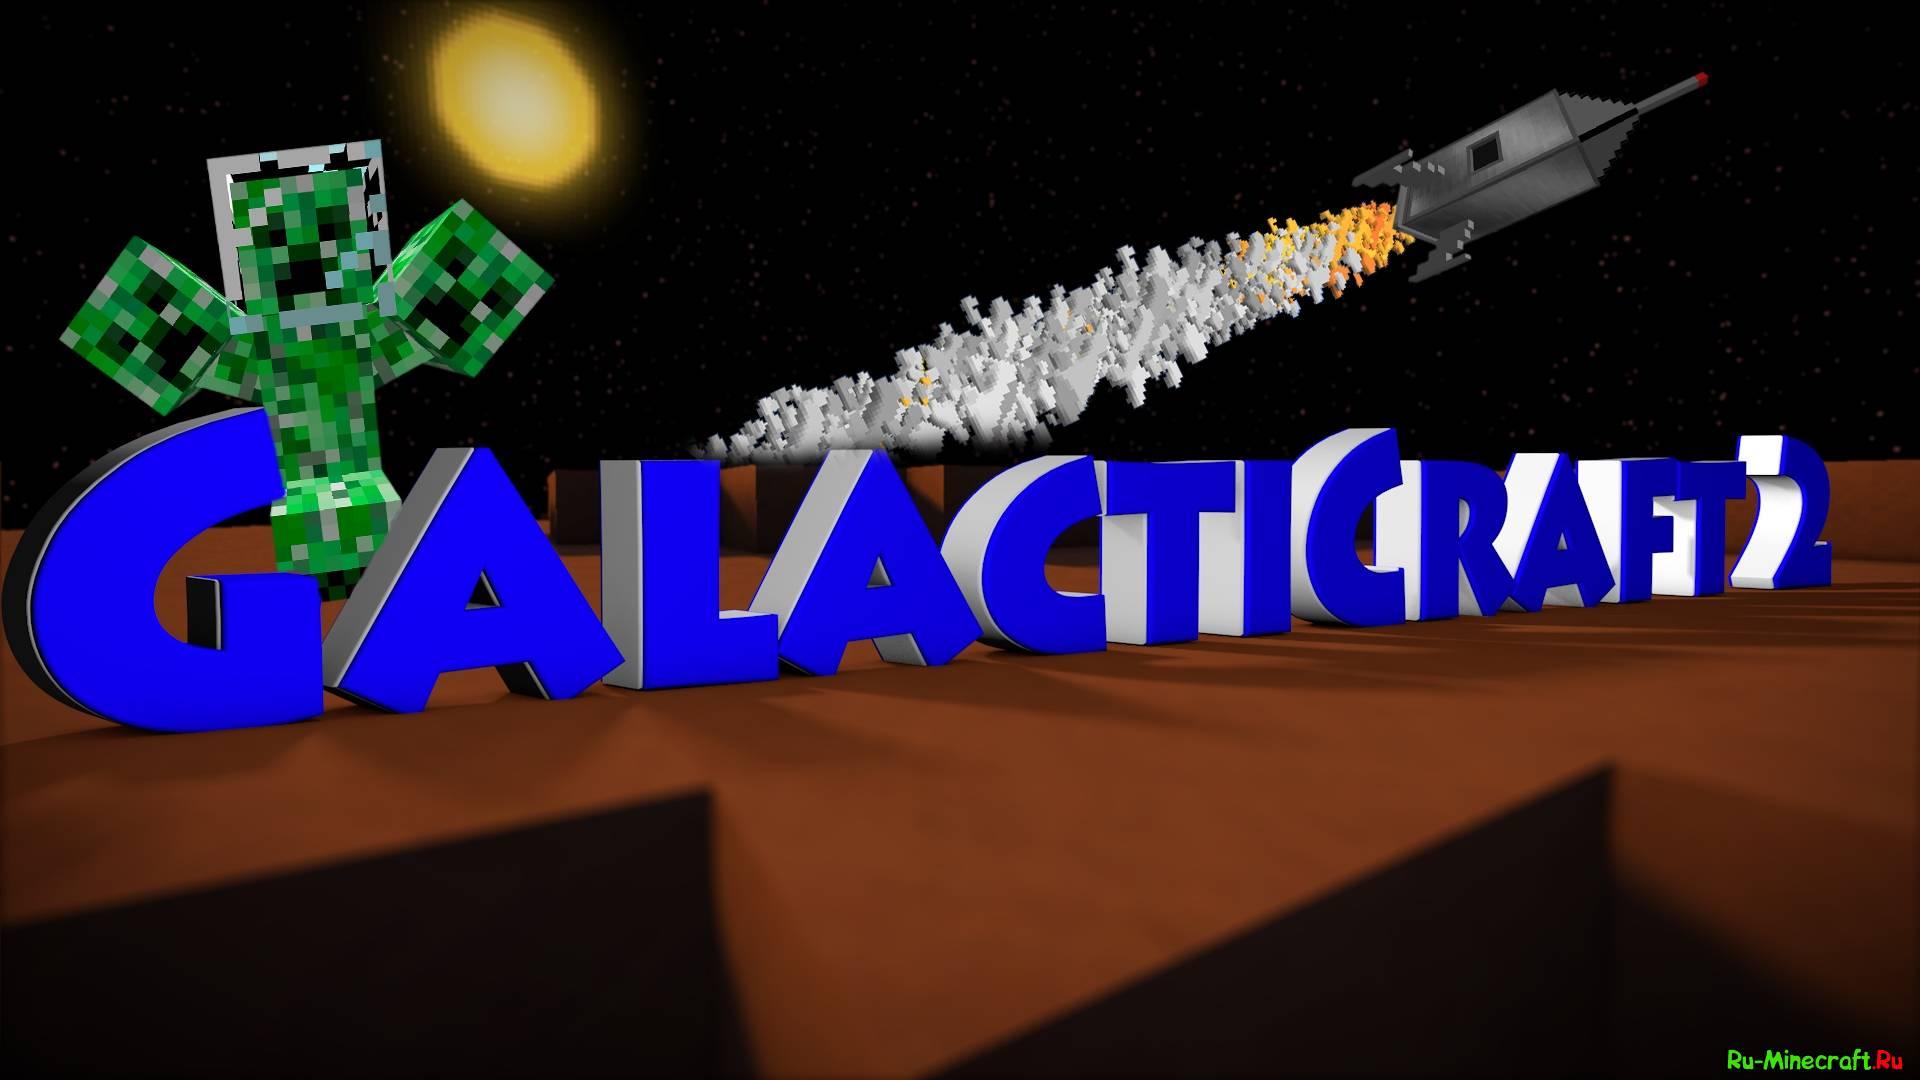 скачать мод на 1.7.10 galacticraft бесплатно